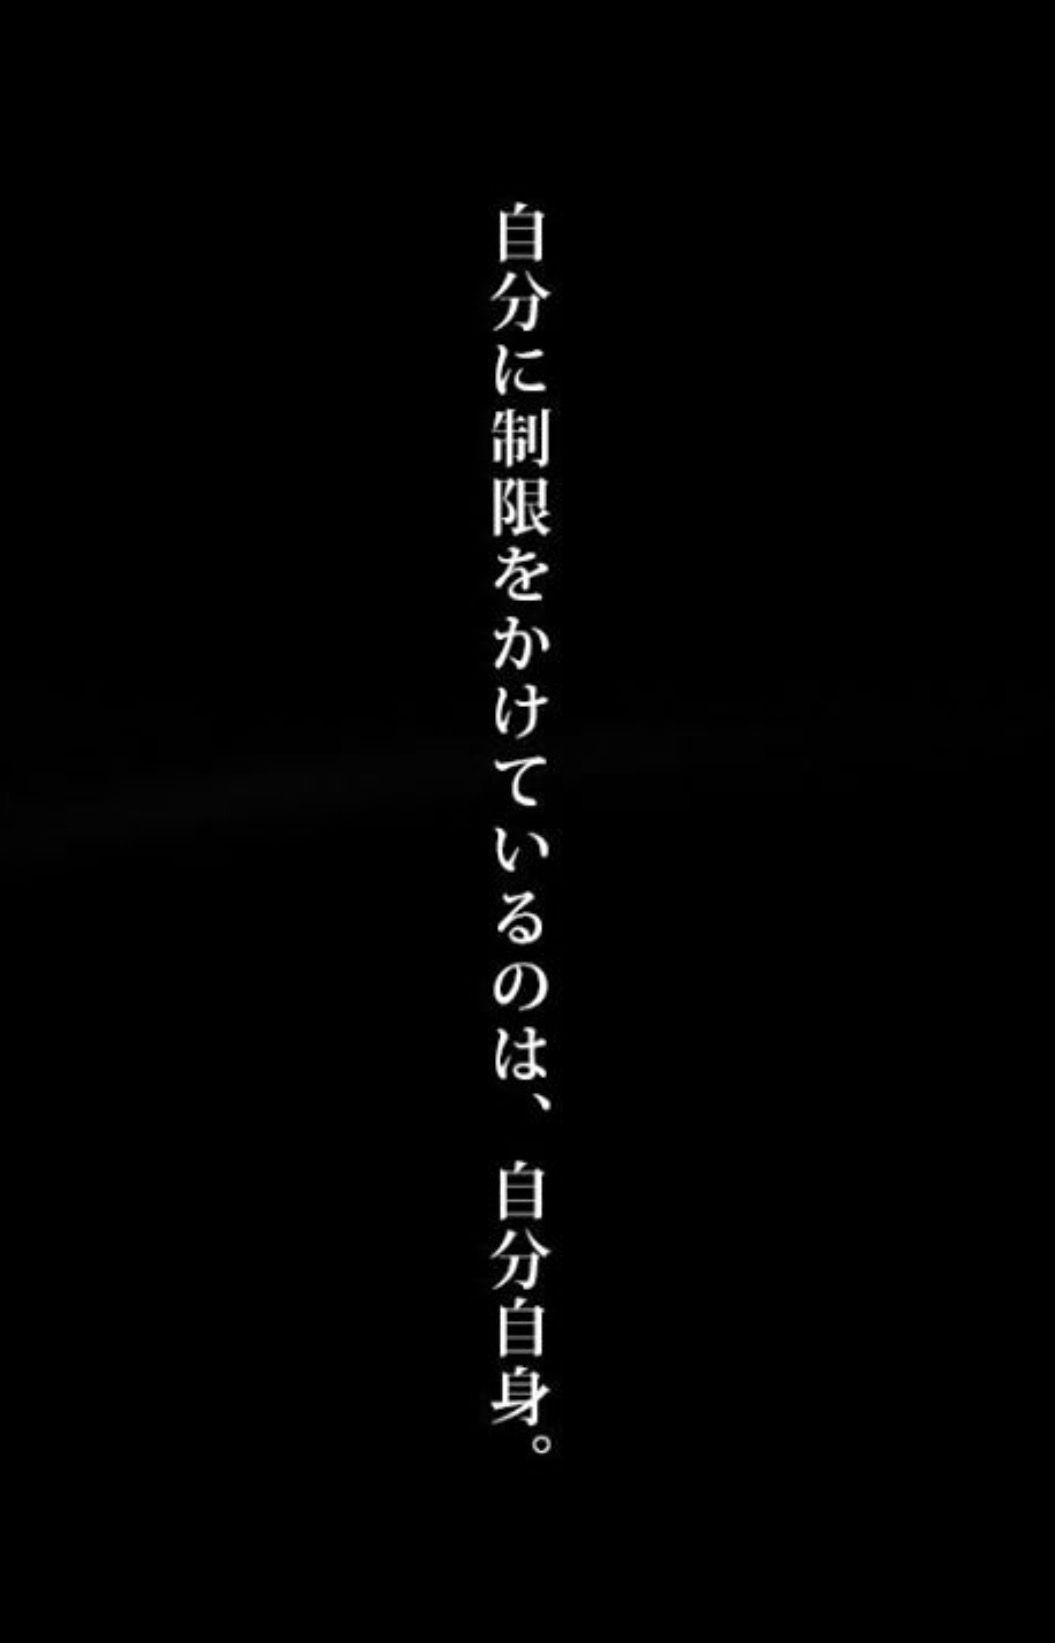 Pin Oleh Cestlavie Di Ac Wallpaper Ponsel Wallpaper Hd Pengeditan Foto Aesthetic japanese text wallpaper